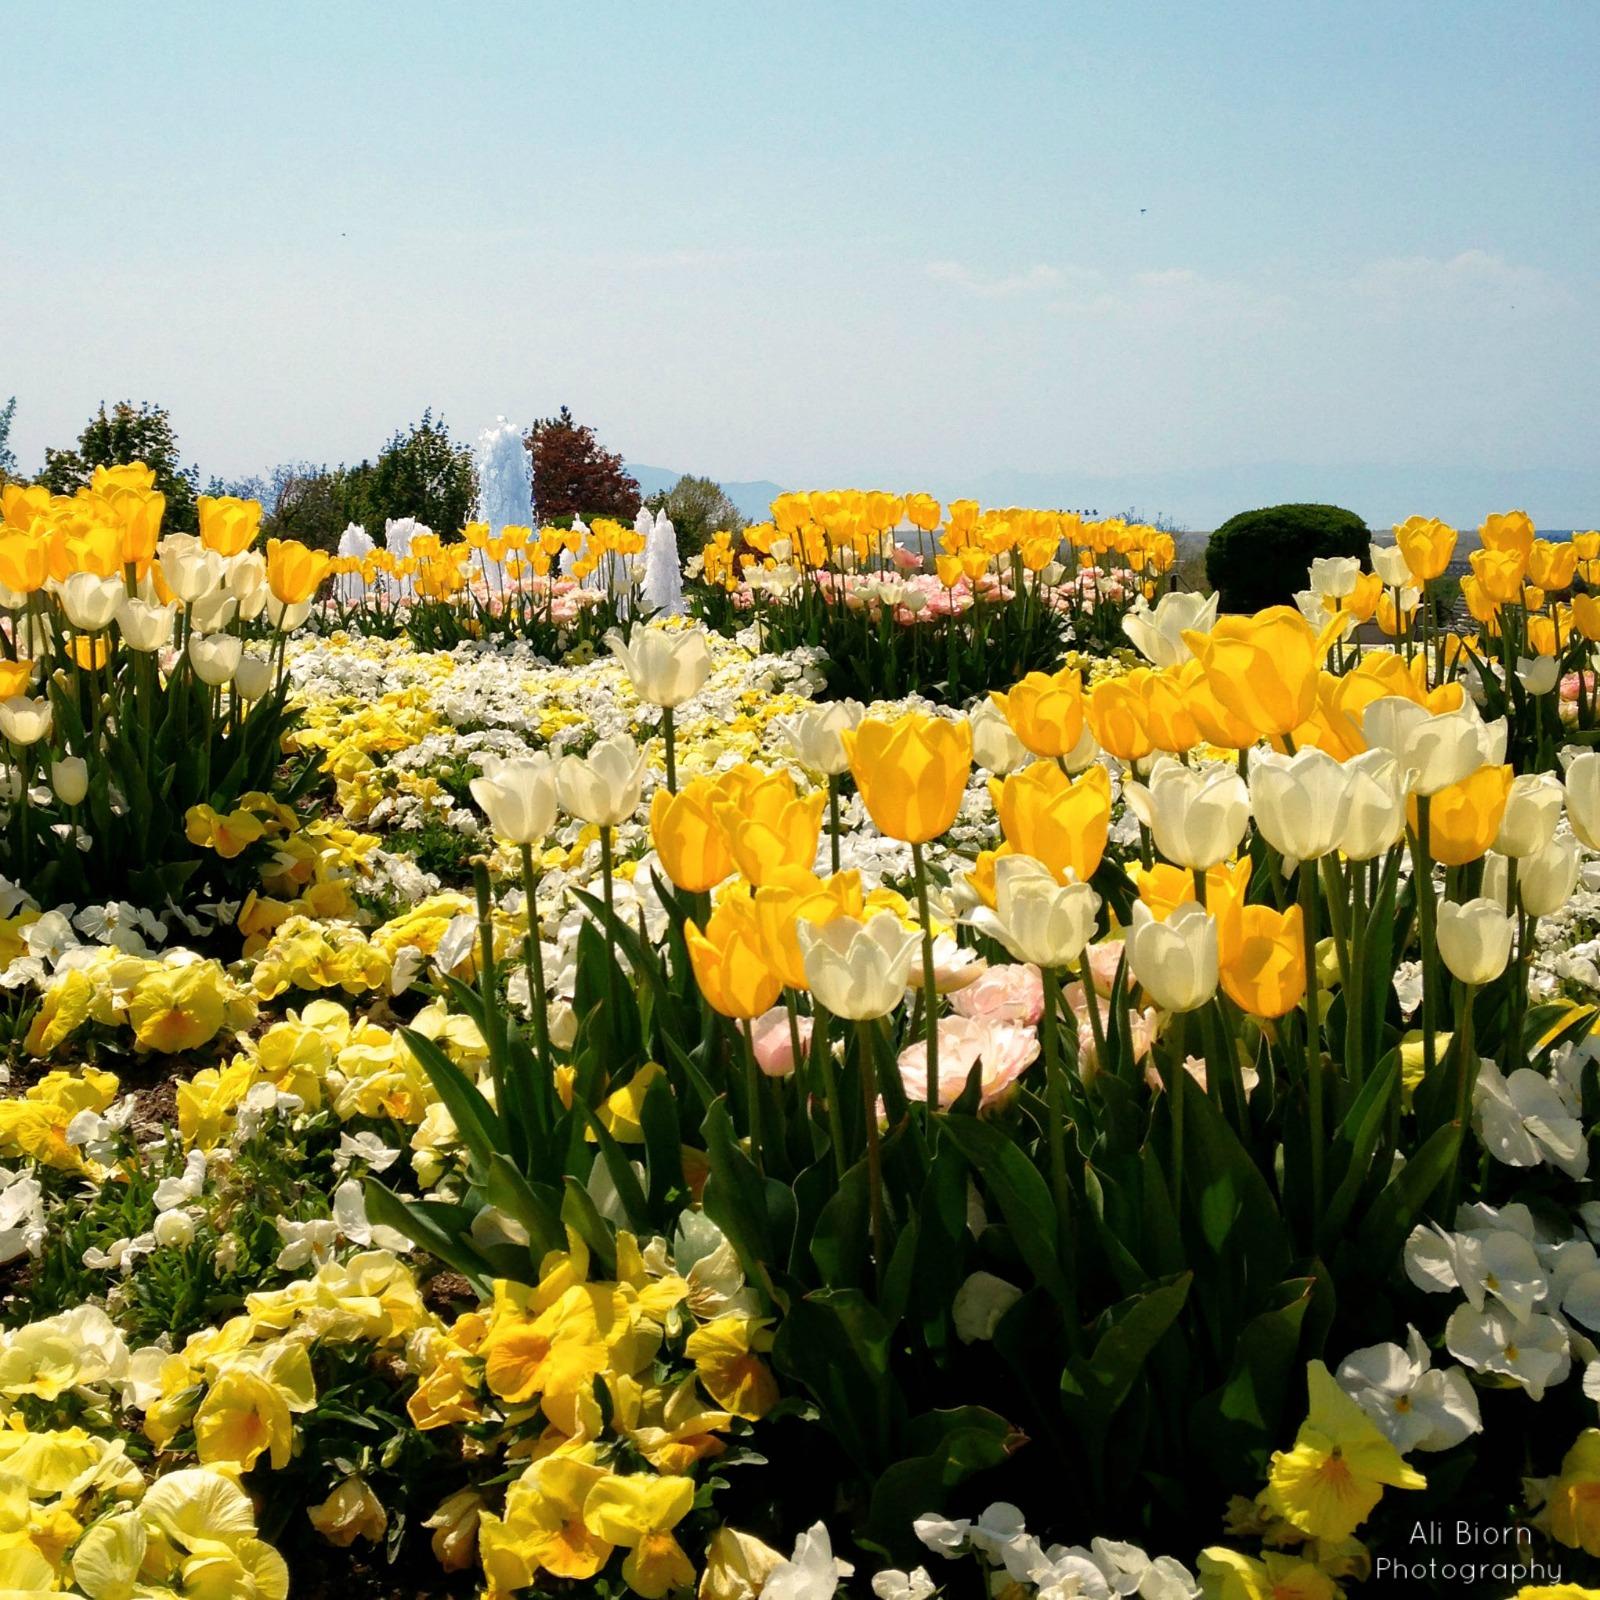 Yellow and White tulips in Provo Utah